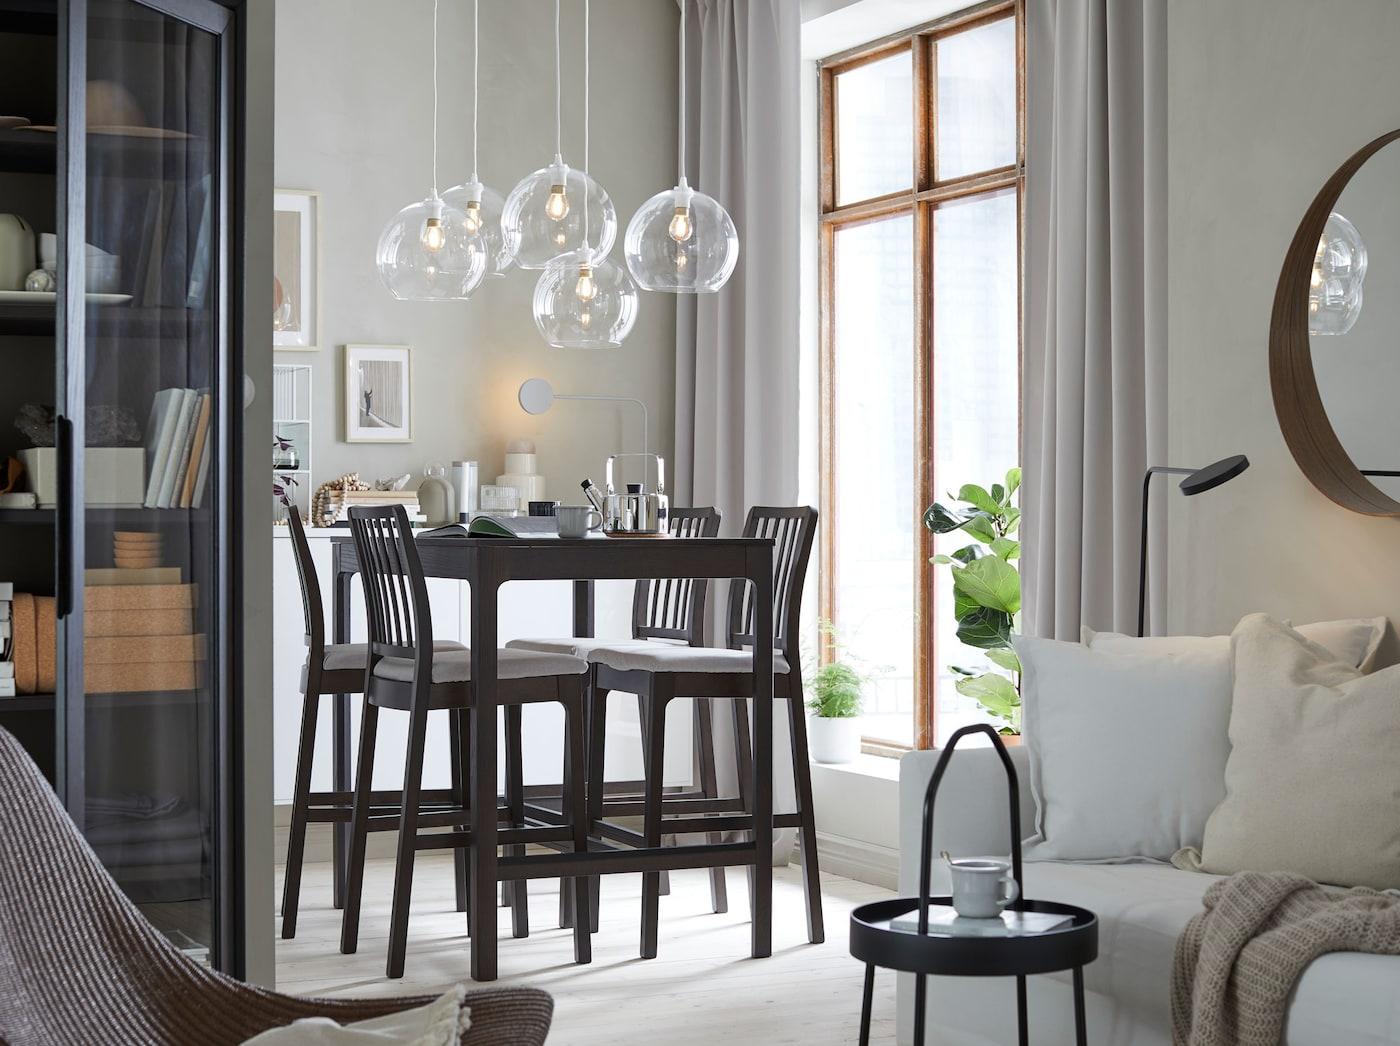 Creează un spațiu de luat masa și unul pentru camera de zi simplu, dar clasic, cu ajutorul mesei pentru bar EKEDALEN gri închis cu patru locuri și al scaunelor înalte pentru bar, precum și al canapelei cu pat HOLMSUND, albă și moale, și al abajururilor pentru lustră albe din sticlă JAKOBSBYN.